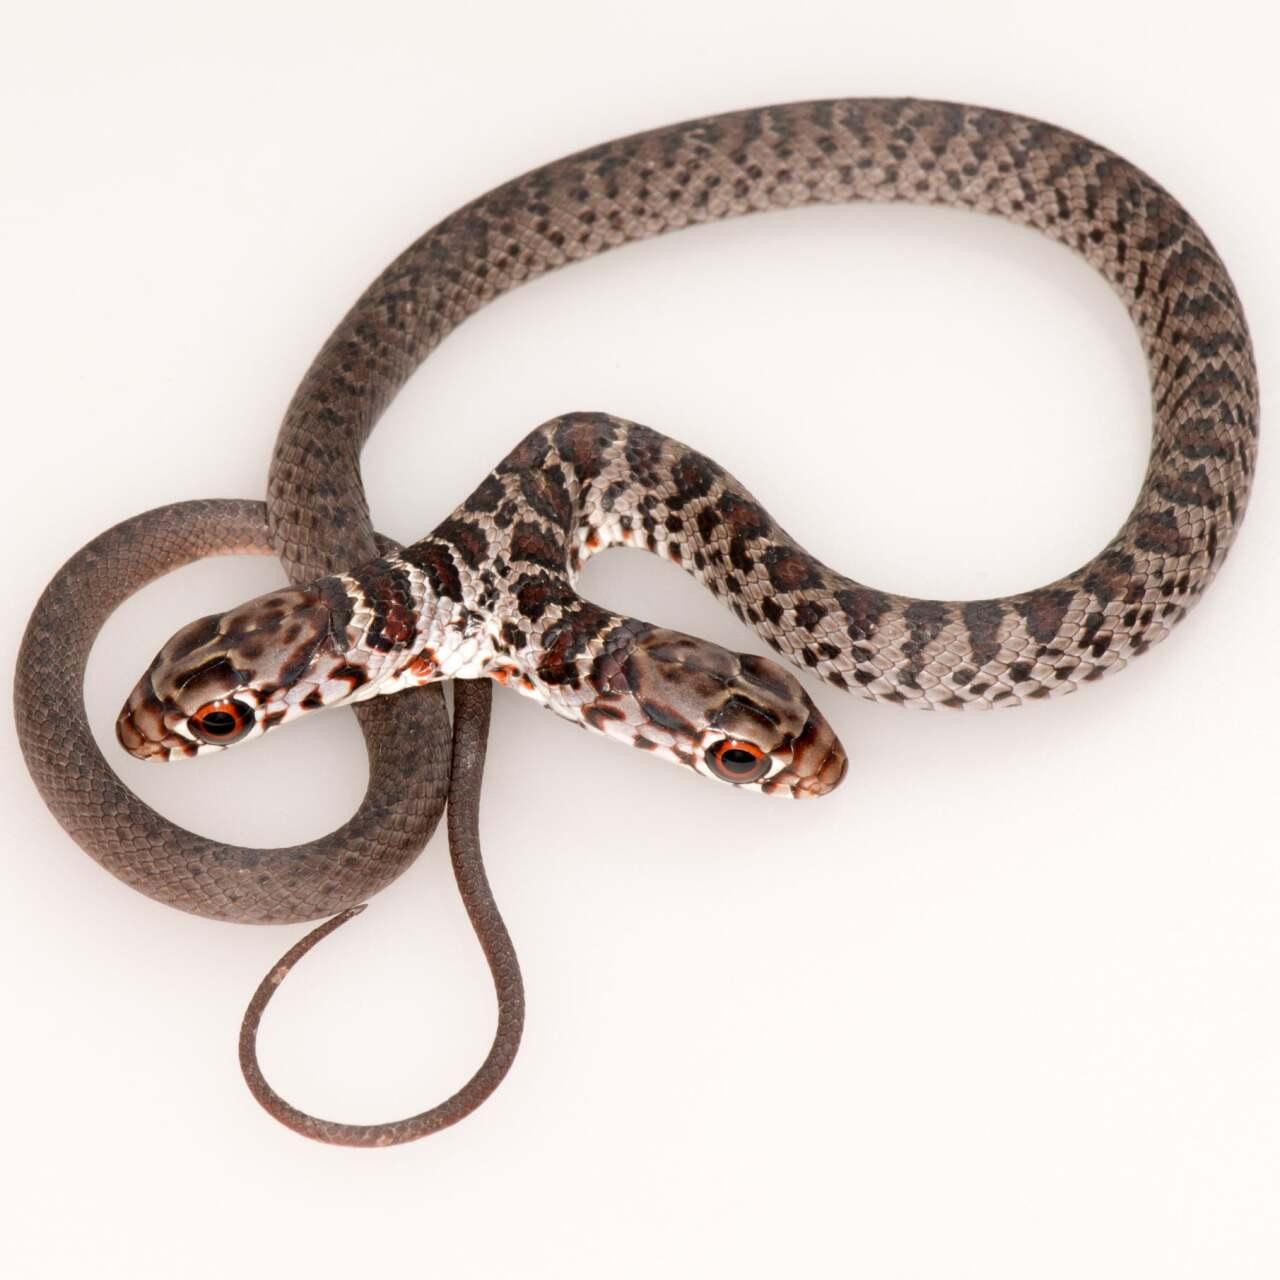 2 headed snake 2.jpg